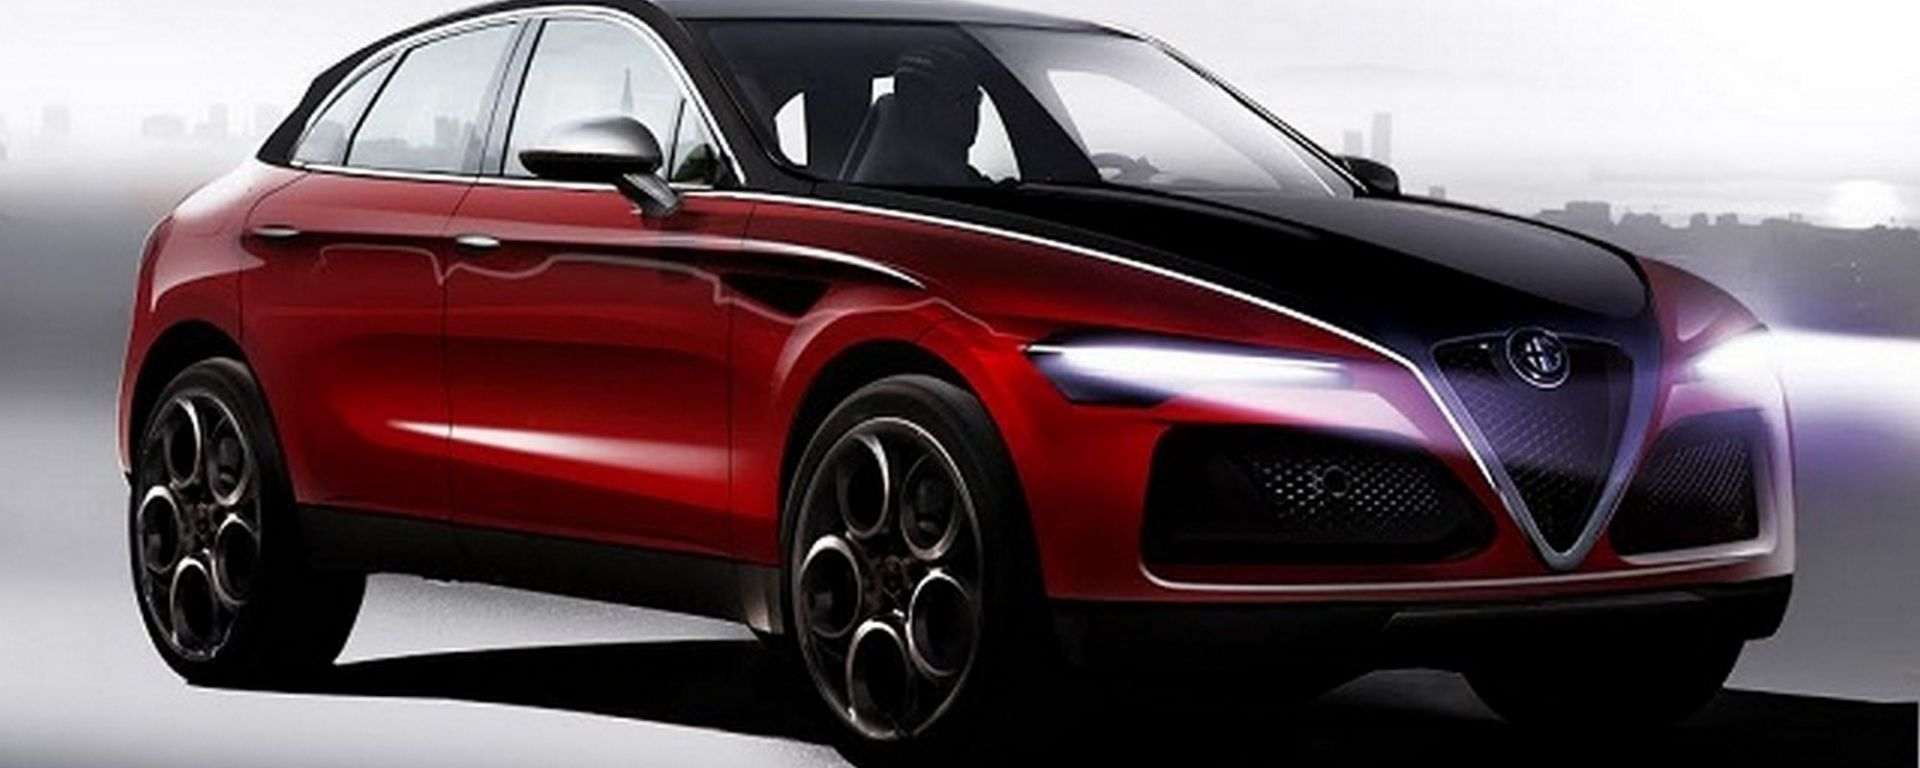 Alfa Romeo, che aspetto avrà il mini-Suv?